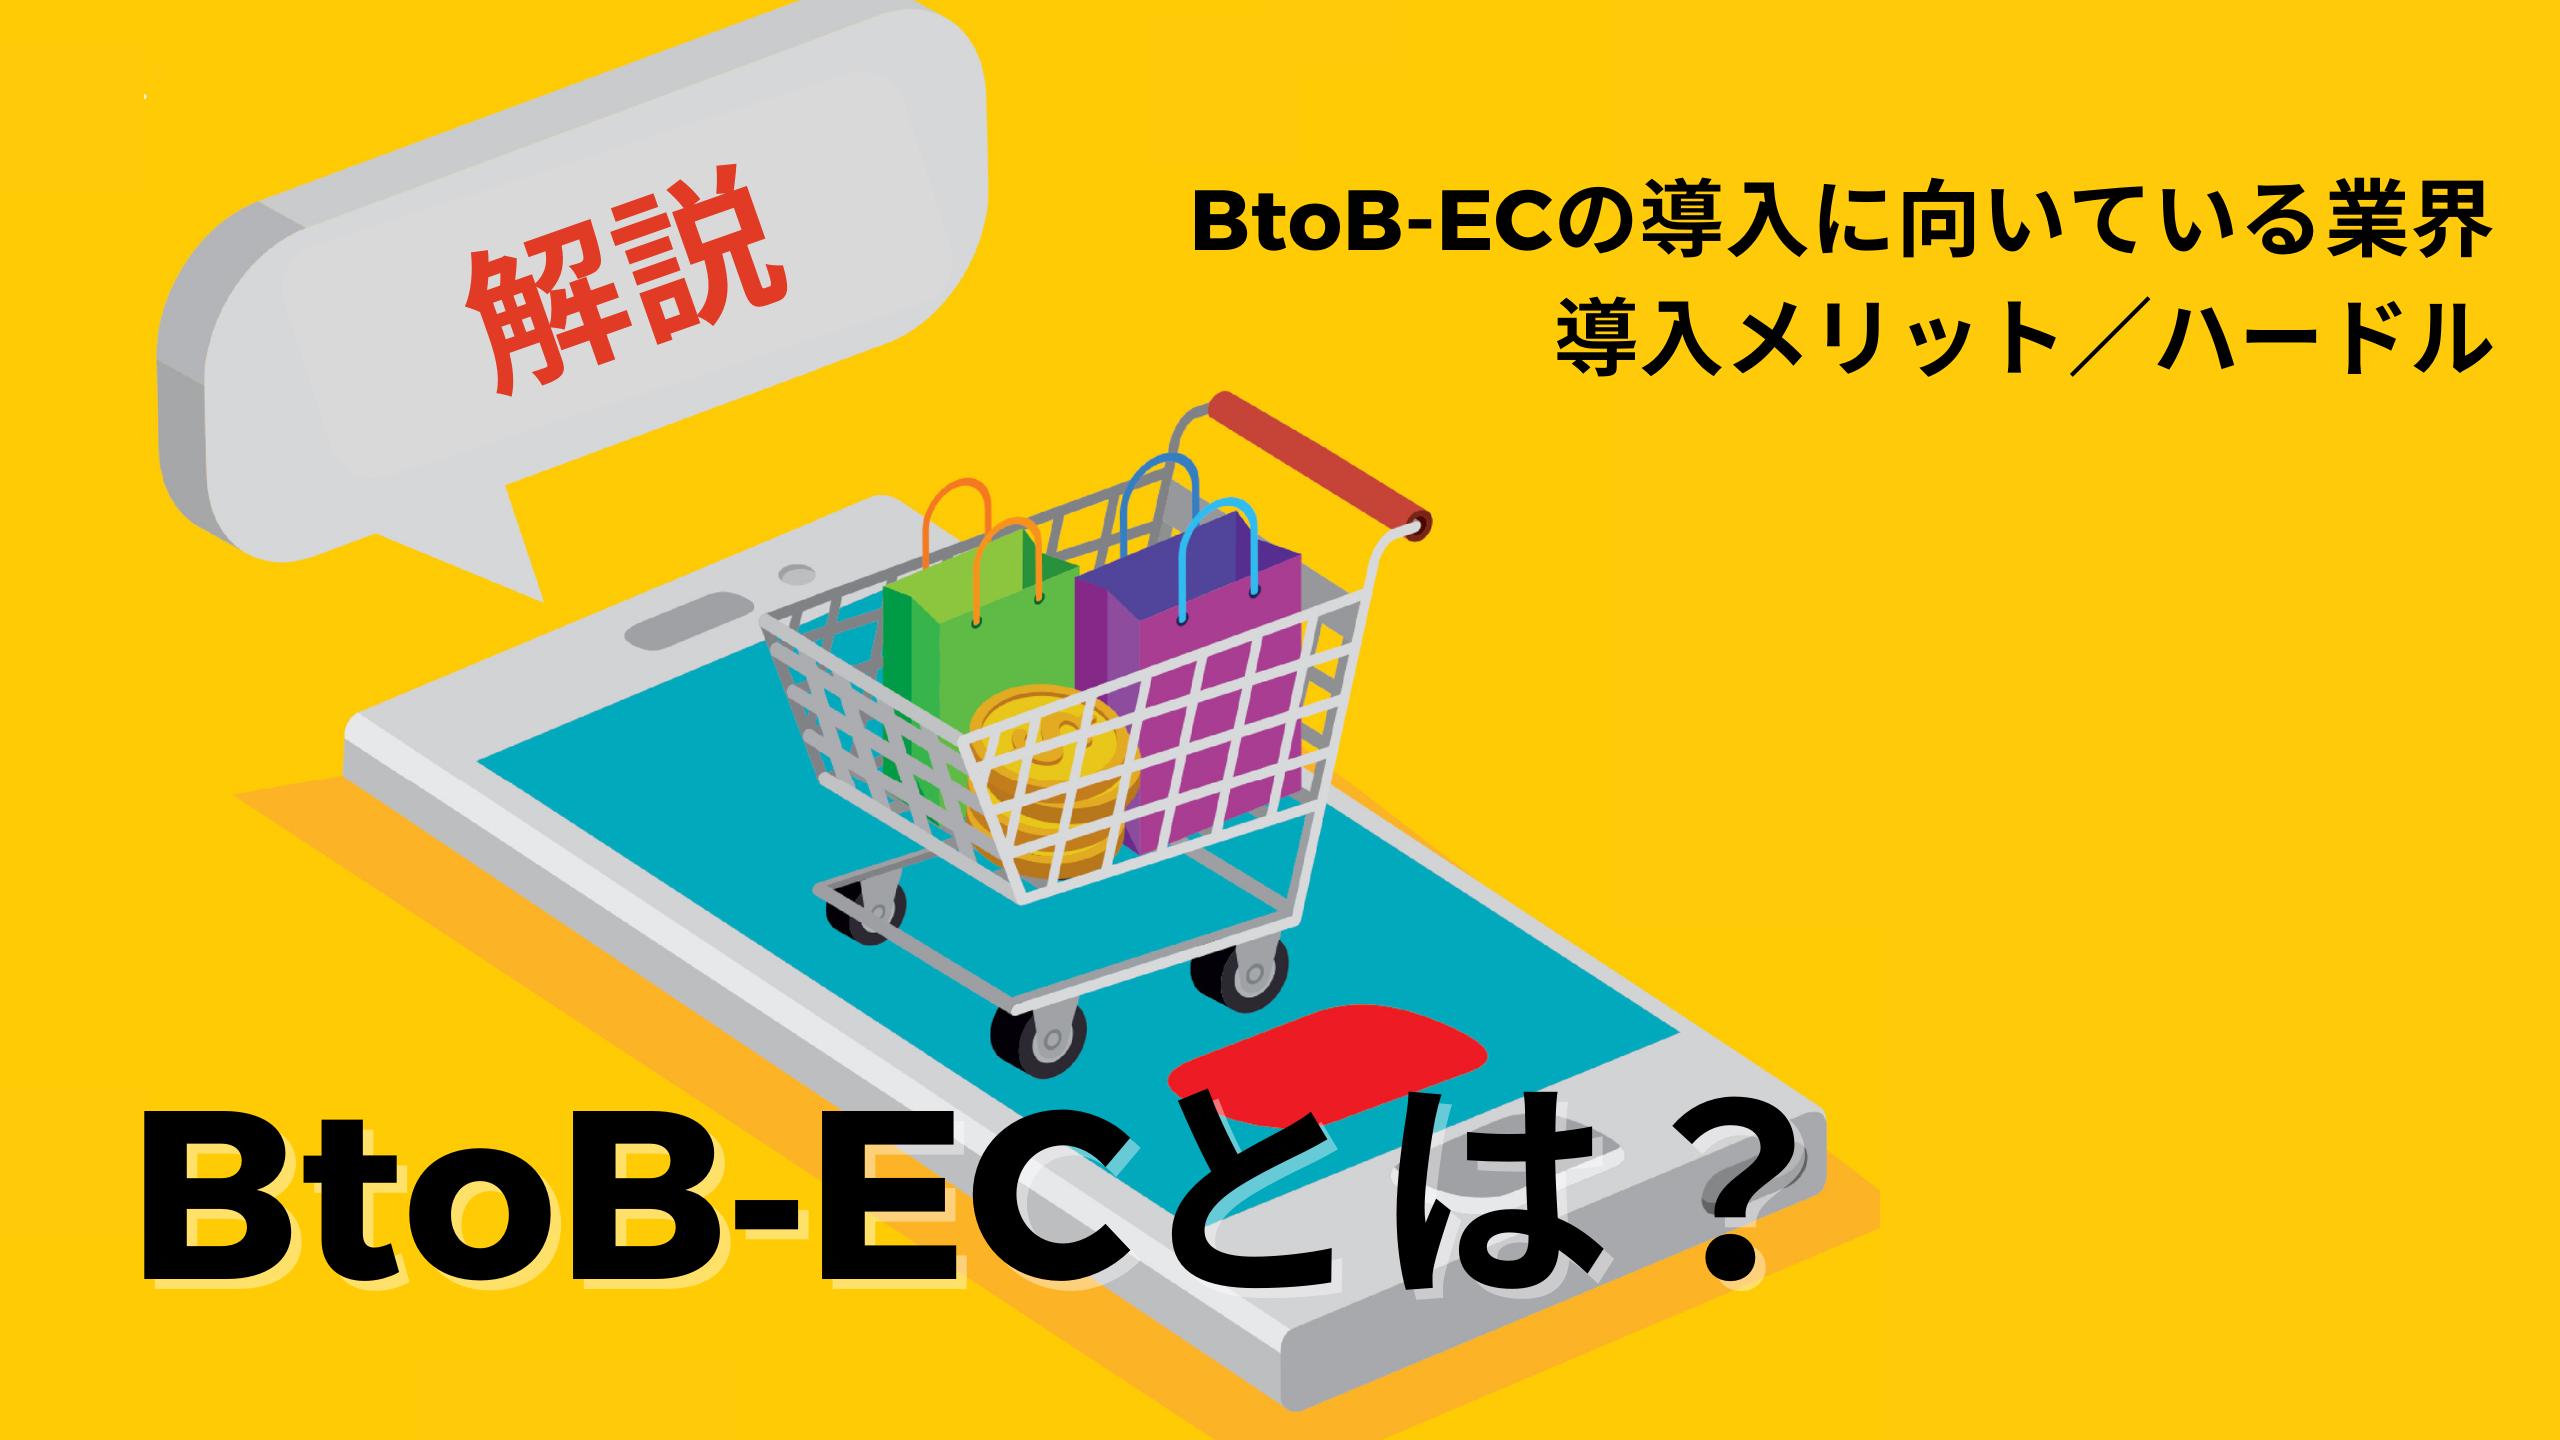 【解説】BtoB-EC:向いている企業&導入メリット・ハードル